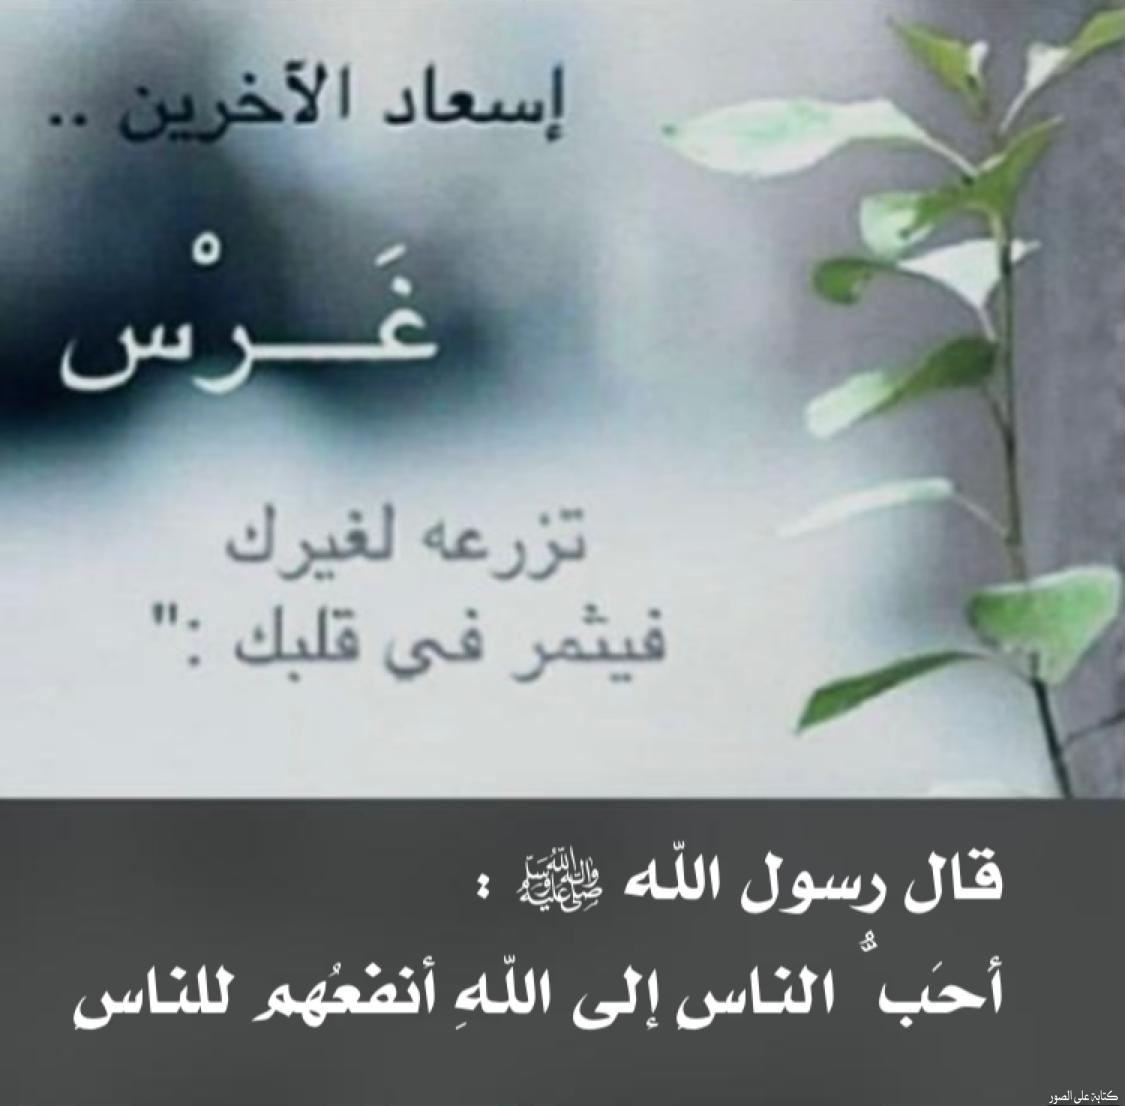 Pin By محب الصالحين On صدقةجارية In 2020